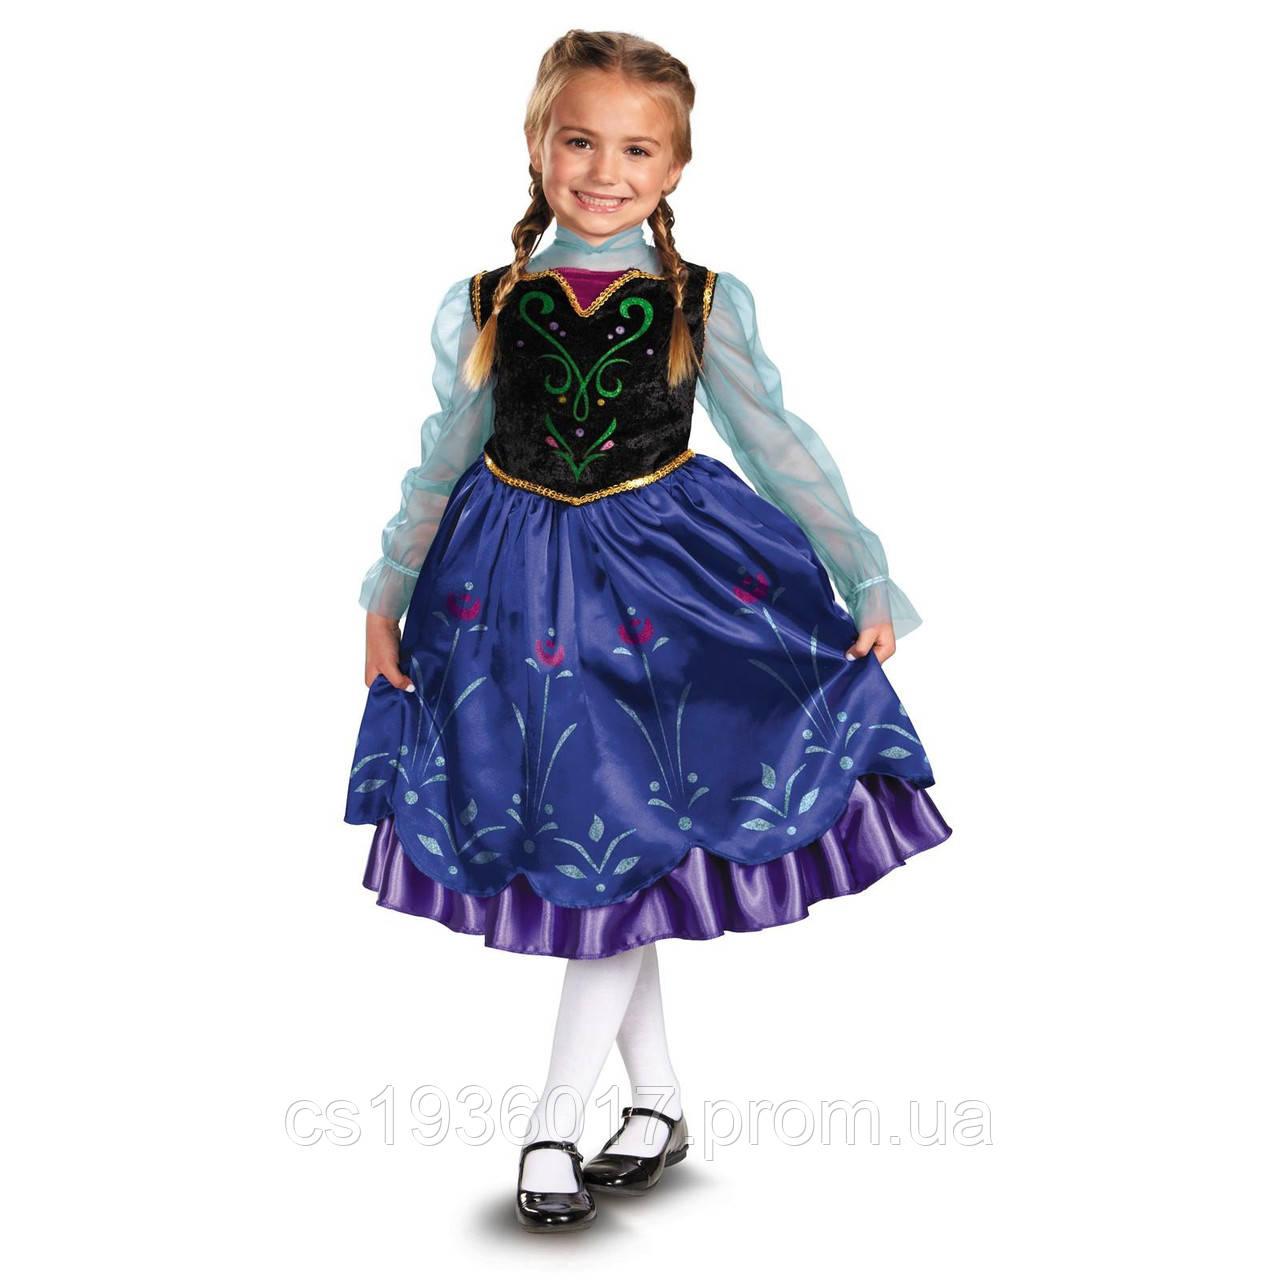 626333c8a36b209 Карнавальный костюм принцесса Анна Холодное сердце Deluxe Anna Frozen  Оригинал, цена 500 грн., купить в Одессе — Prom.ua (ID#437270914)